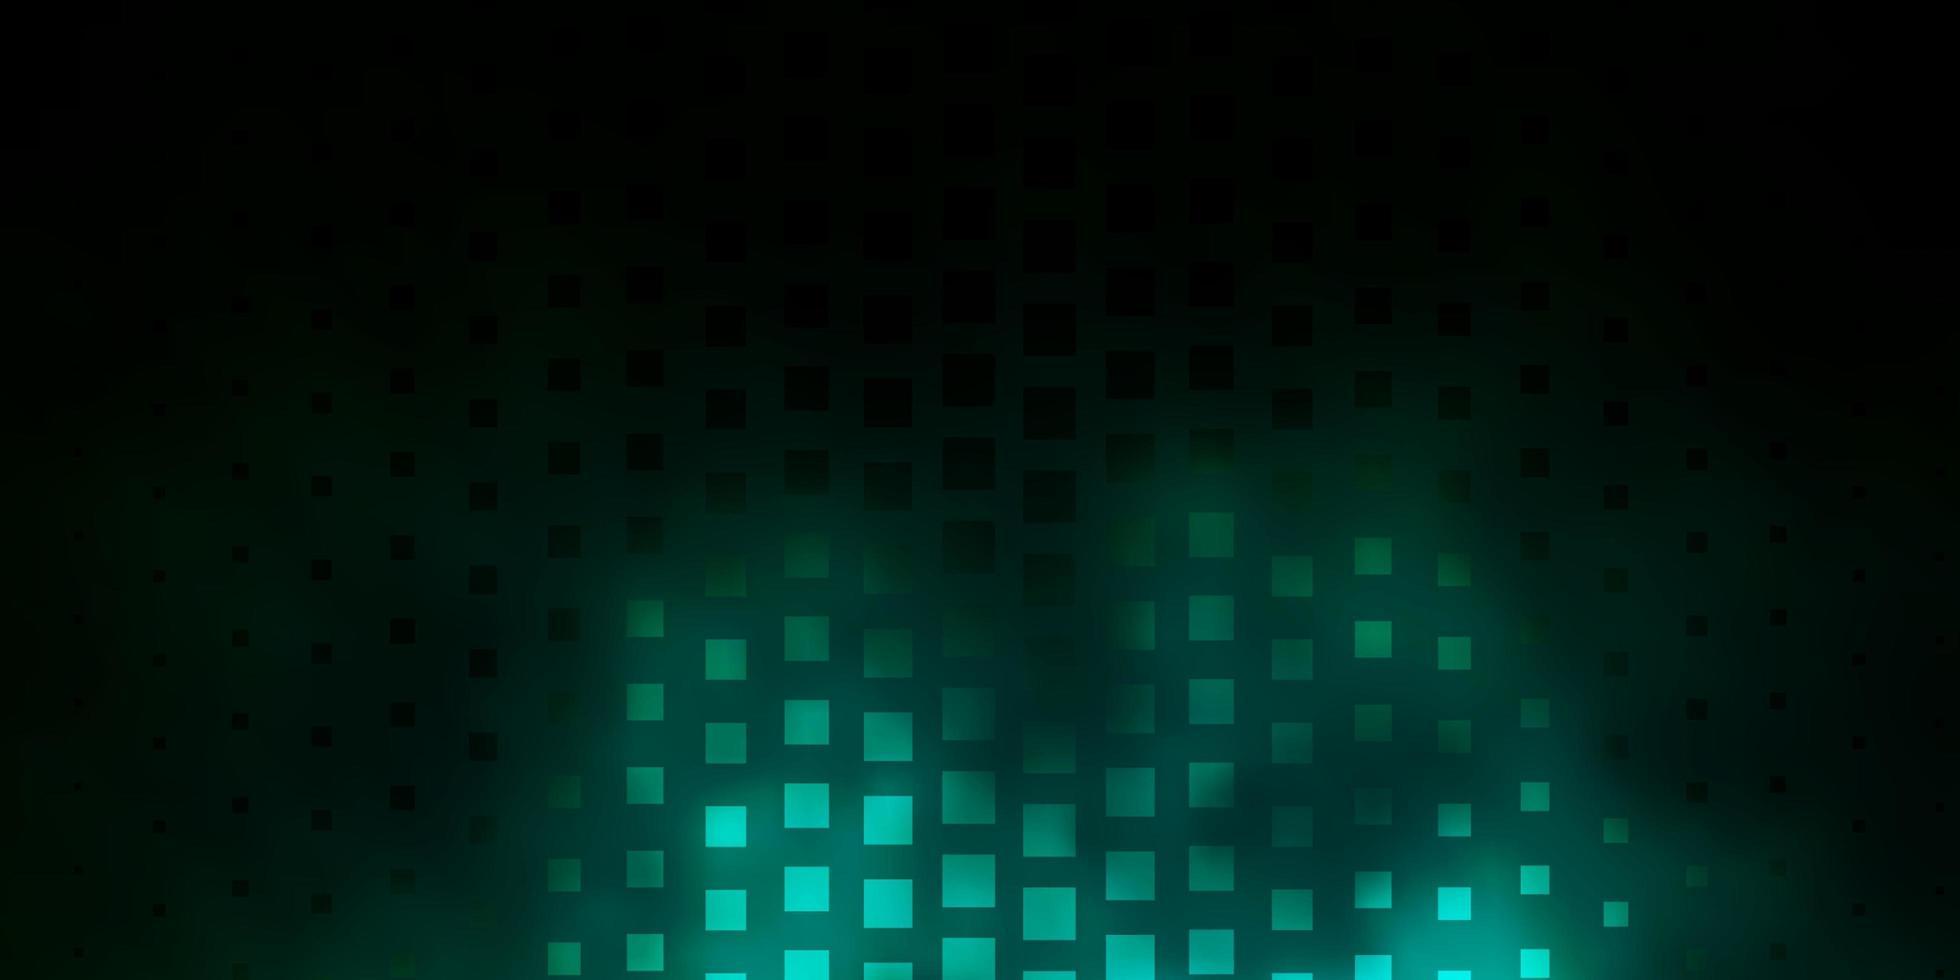 dunkelgrüner Vektorhintergrund mit Rechtecken. vektor